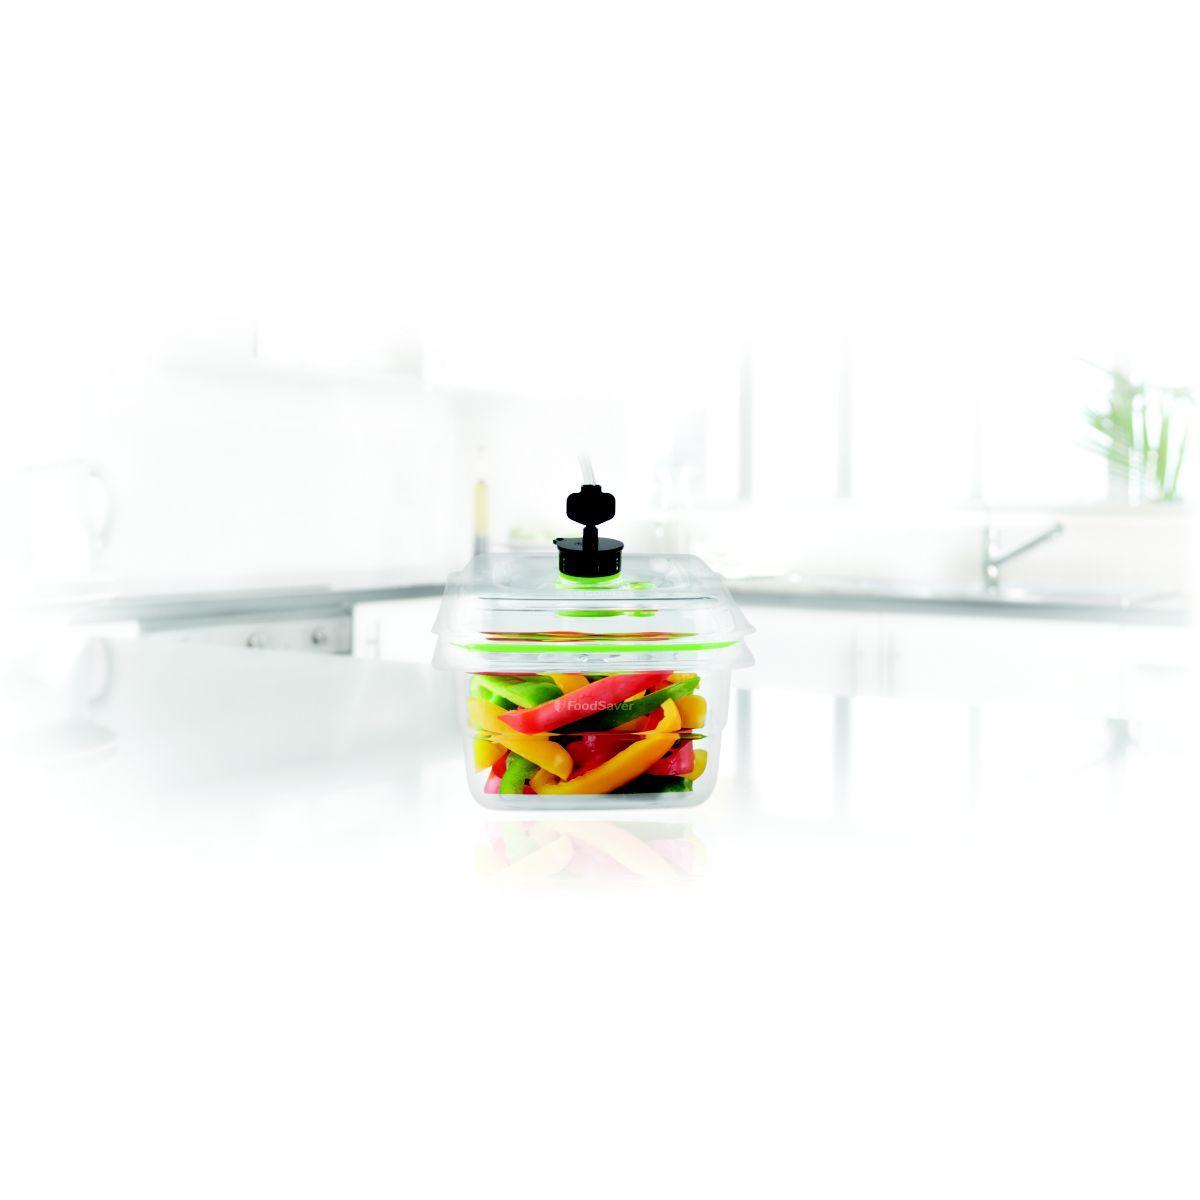 Accessoire food saver ffc005x boîte fraî - produit coup de coeur webdistrib.com ! (photo)